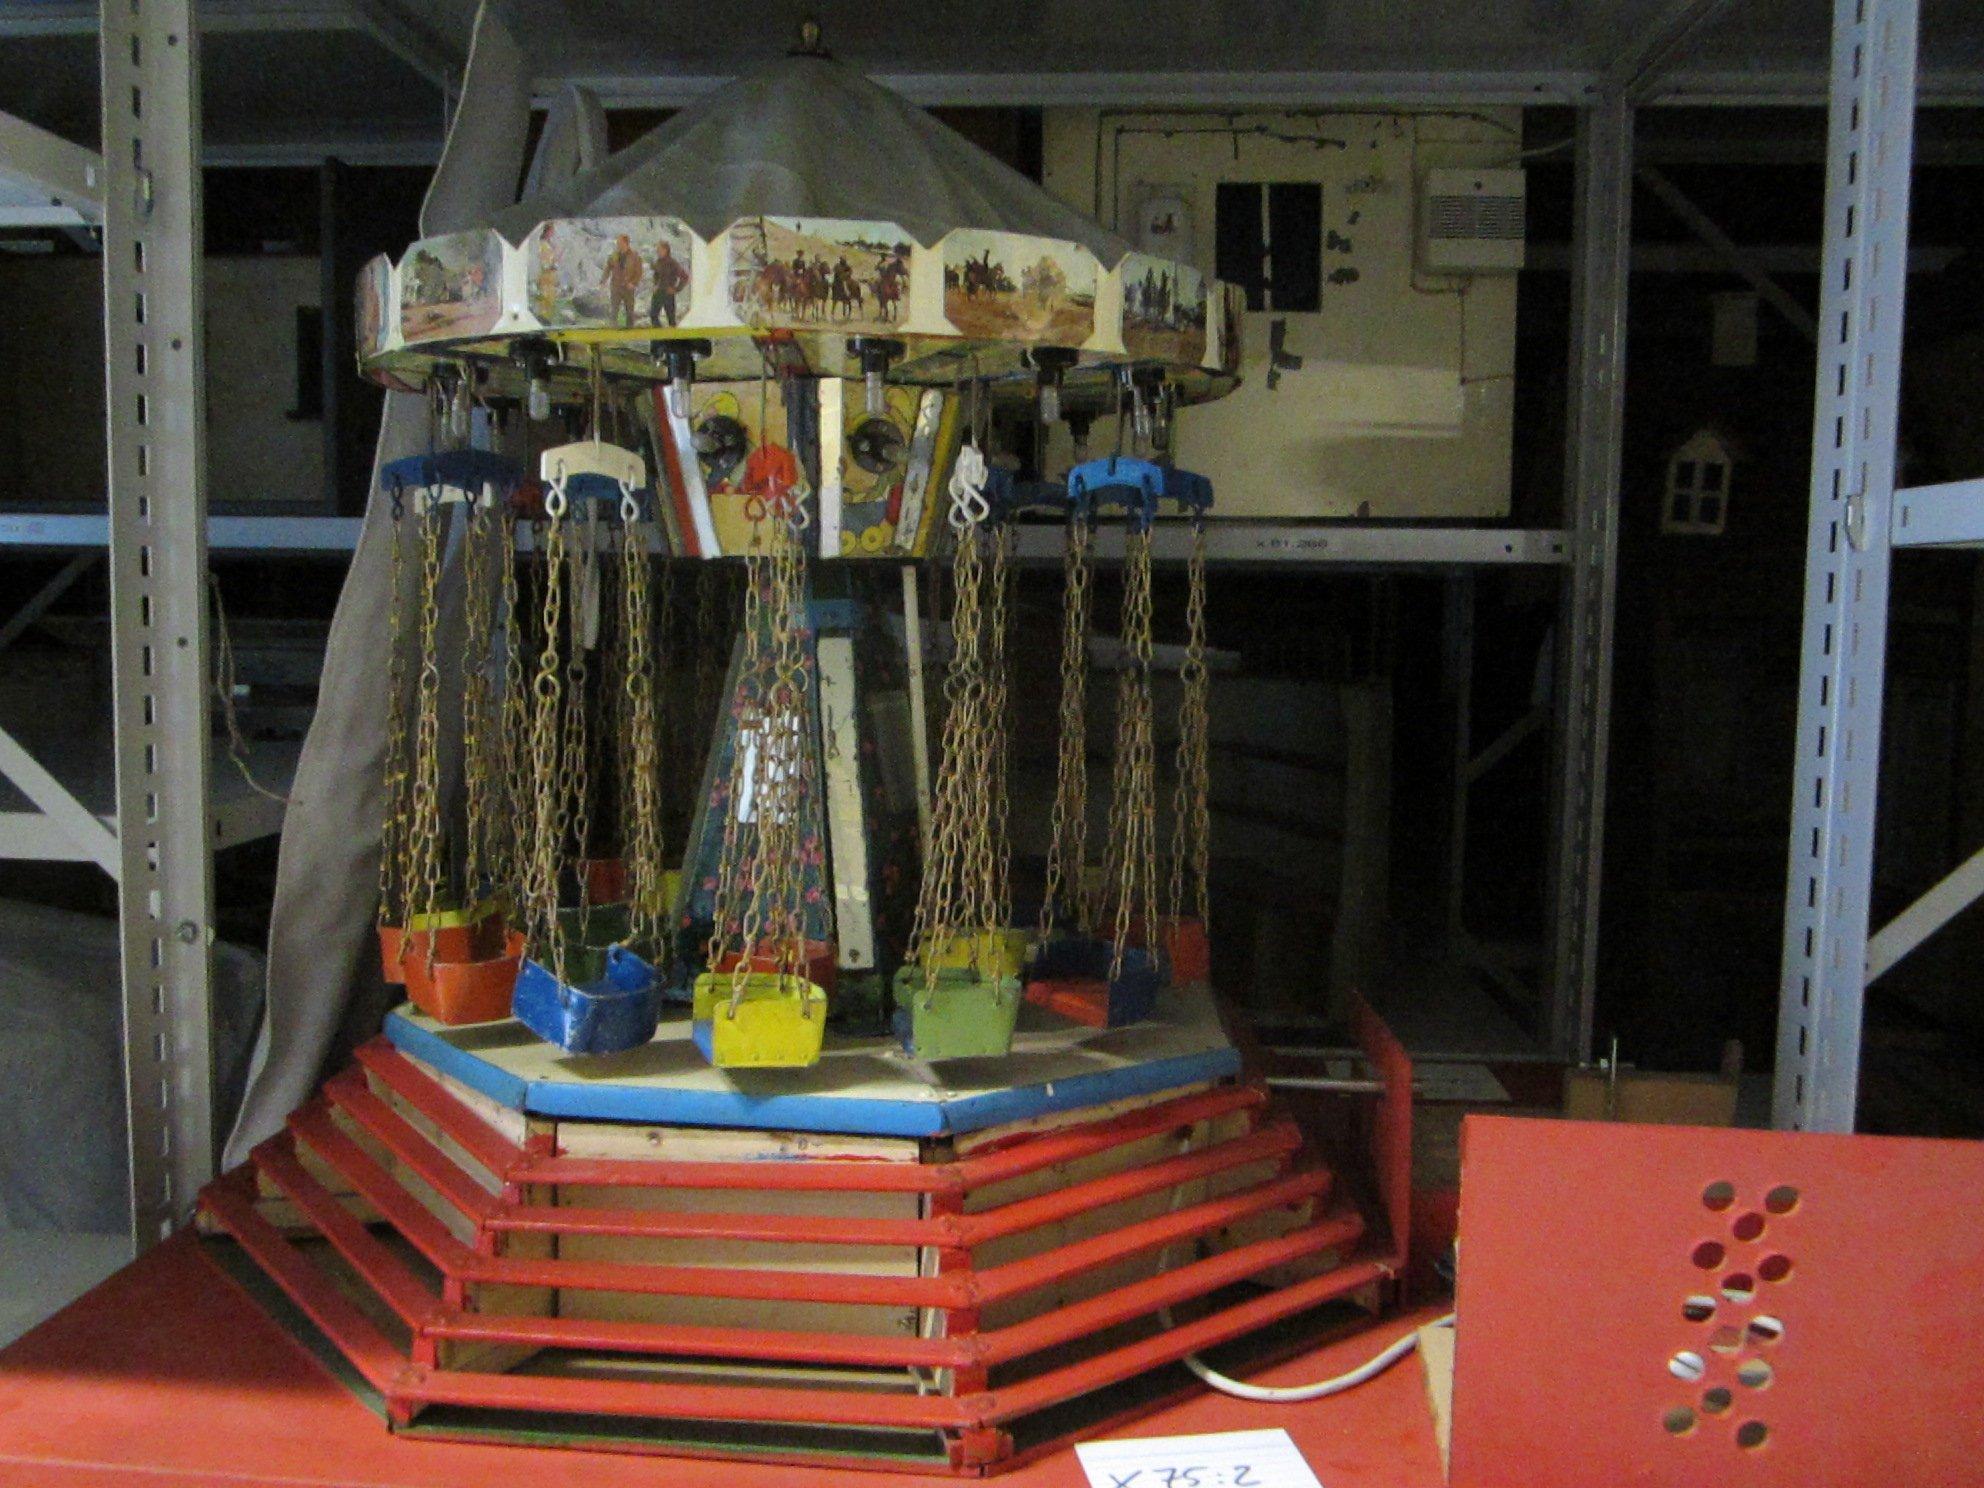 Kettenkarussell mit Winnetou-Dekoration